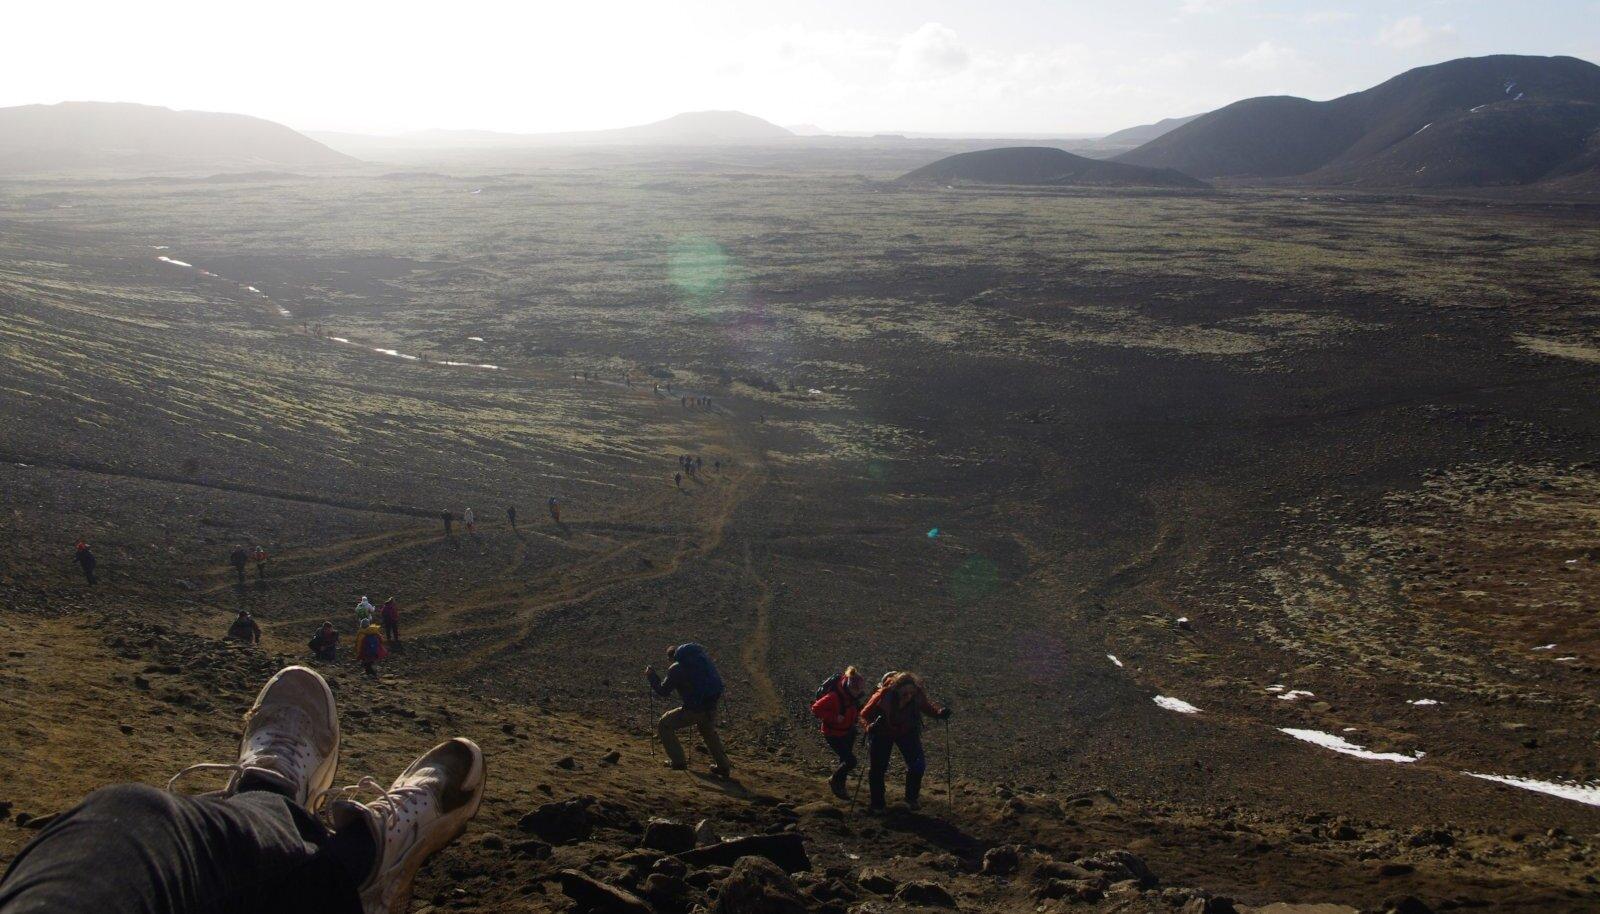 Tõeline rahvasteränne. Puhkepaus matka esimesel kolmandikul. Fagradalsfjalli vulkaaniliselt aktiivse oruni on veel umbes neli kilomeetrit.